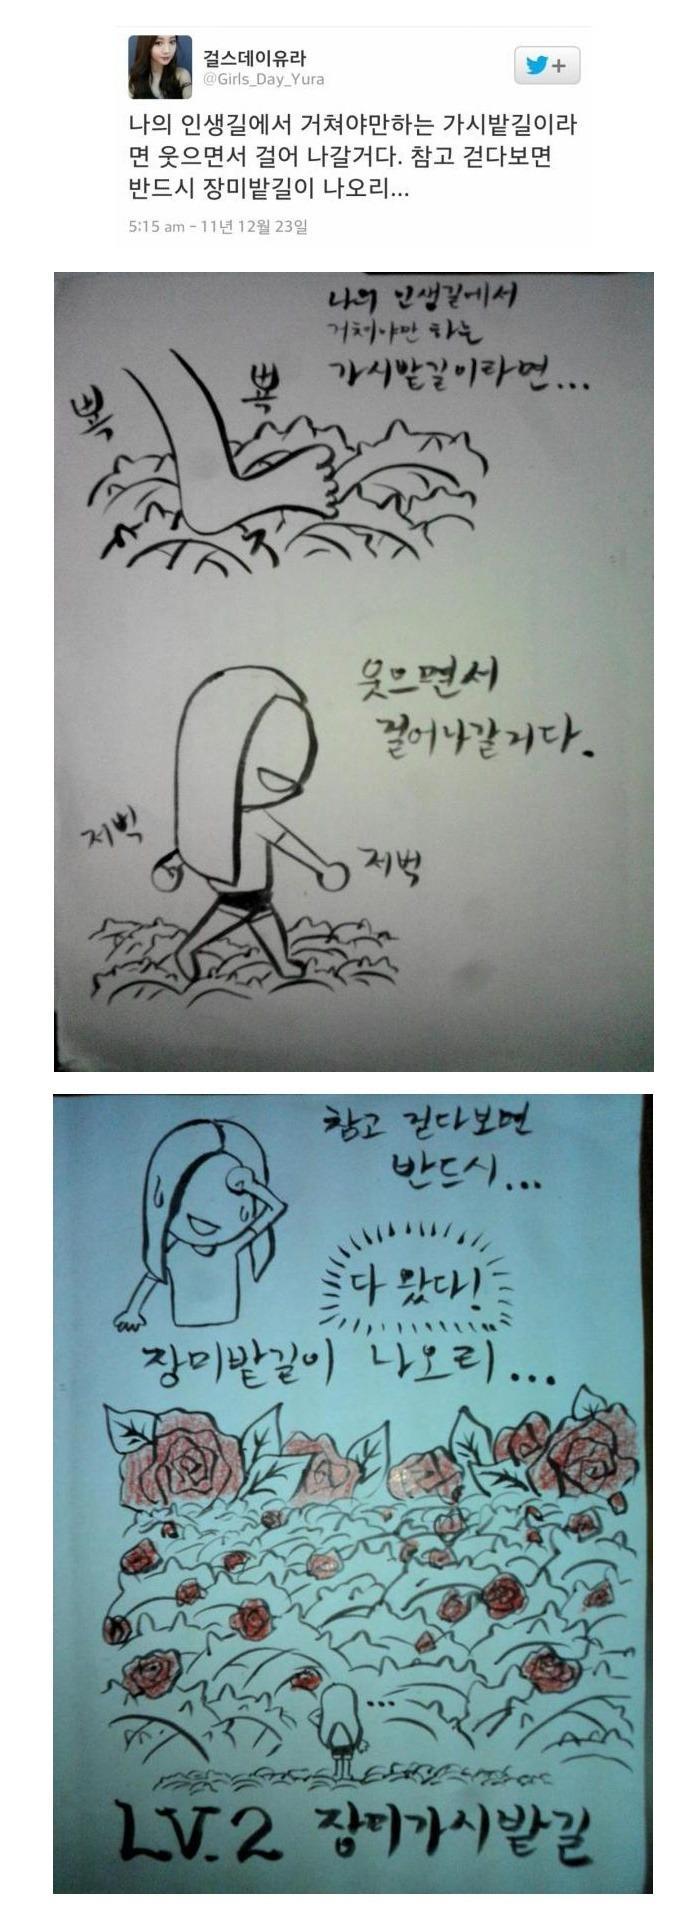 걸스데이 유라 명언